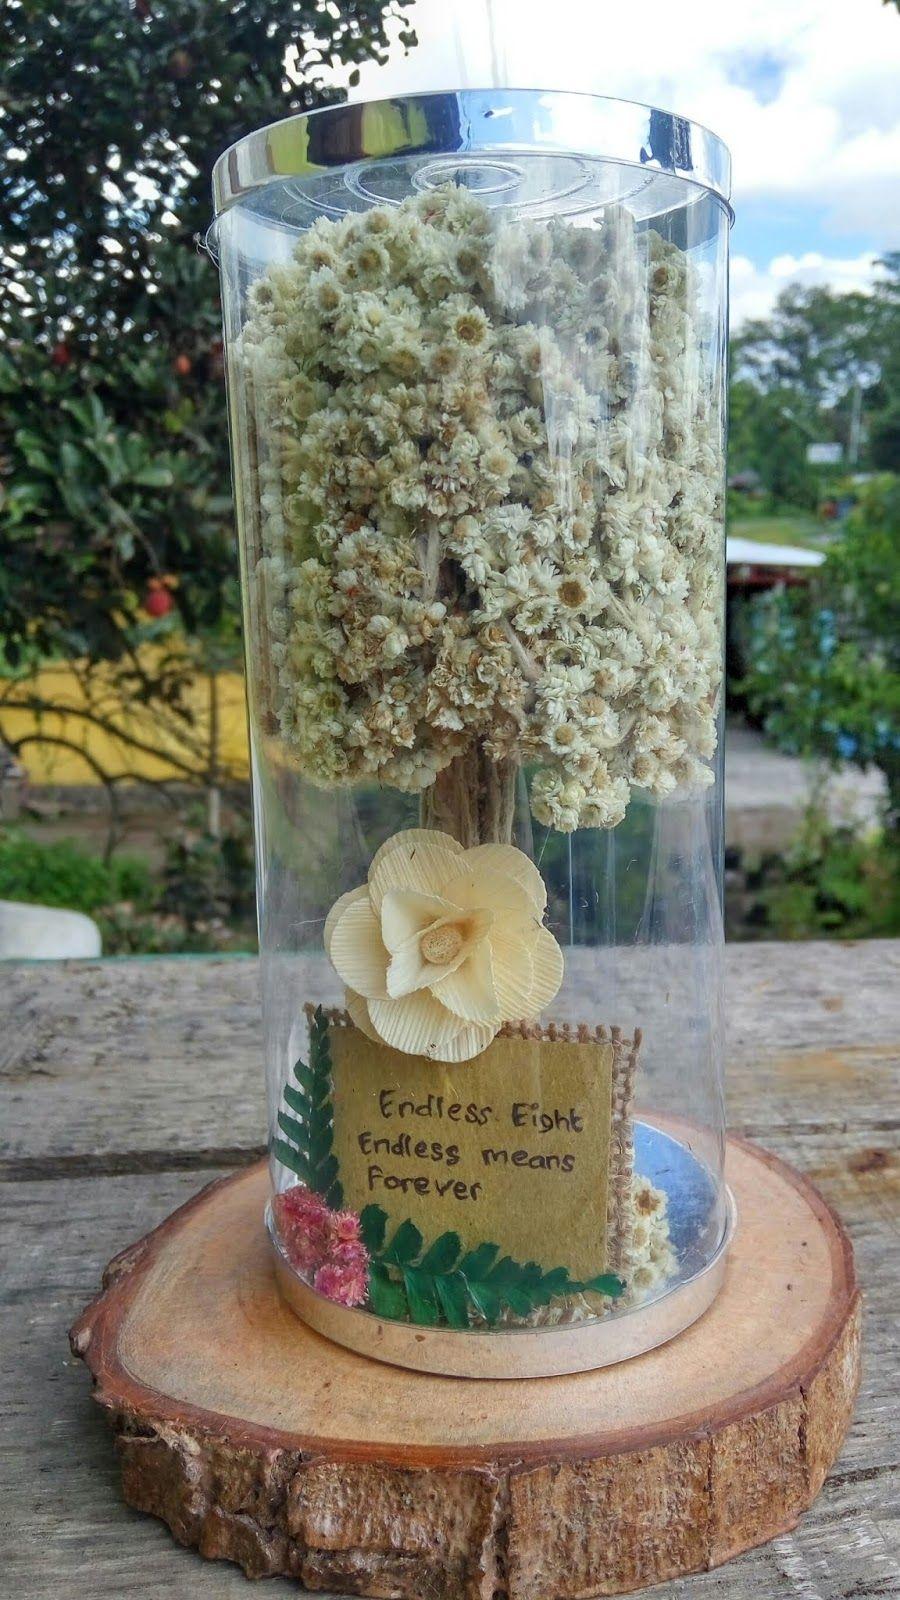 Bunga Edelweis Bunga Abadi Tipe Kado Unik Bunga Edelweis Tabung Bunga Abadi Cocok Sebagai Kado Unik Untuk Pasangan Atau Sahabat Bunga Ulang Tahun Ide Hadiah